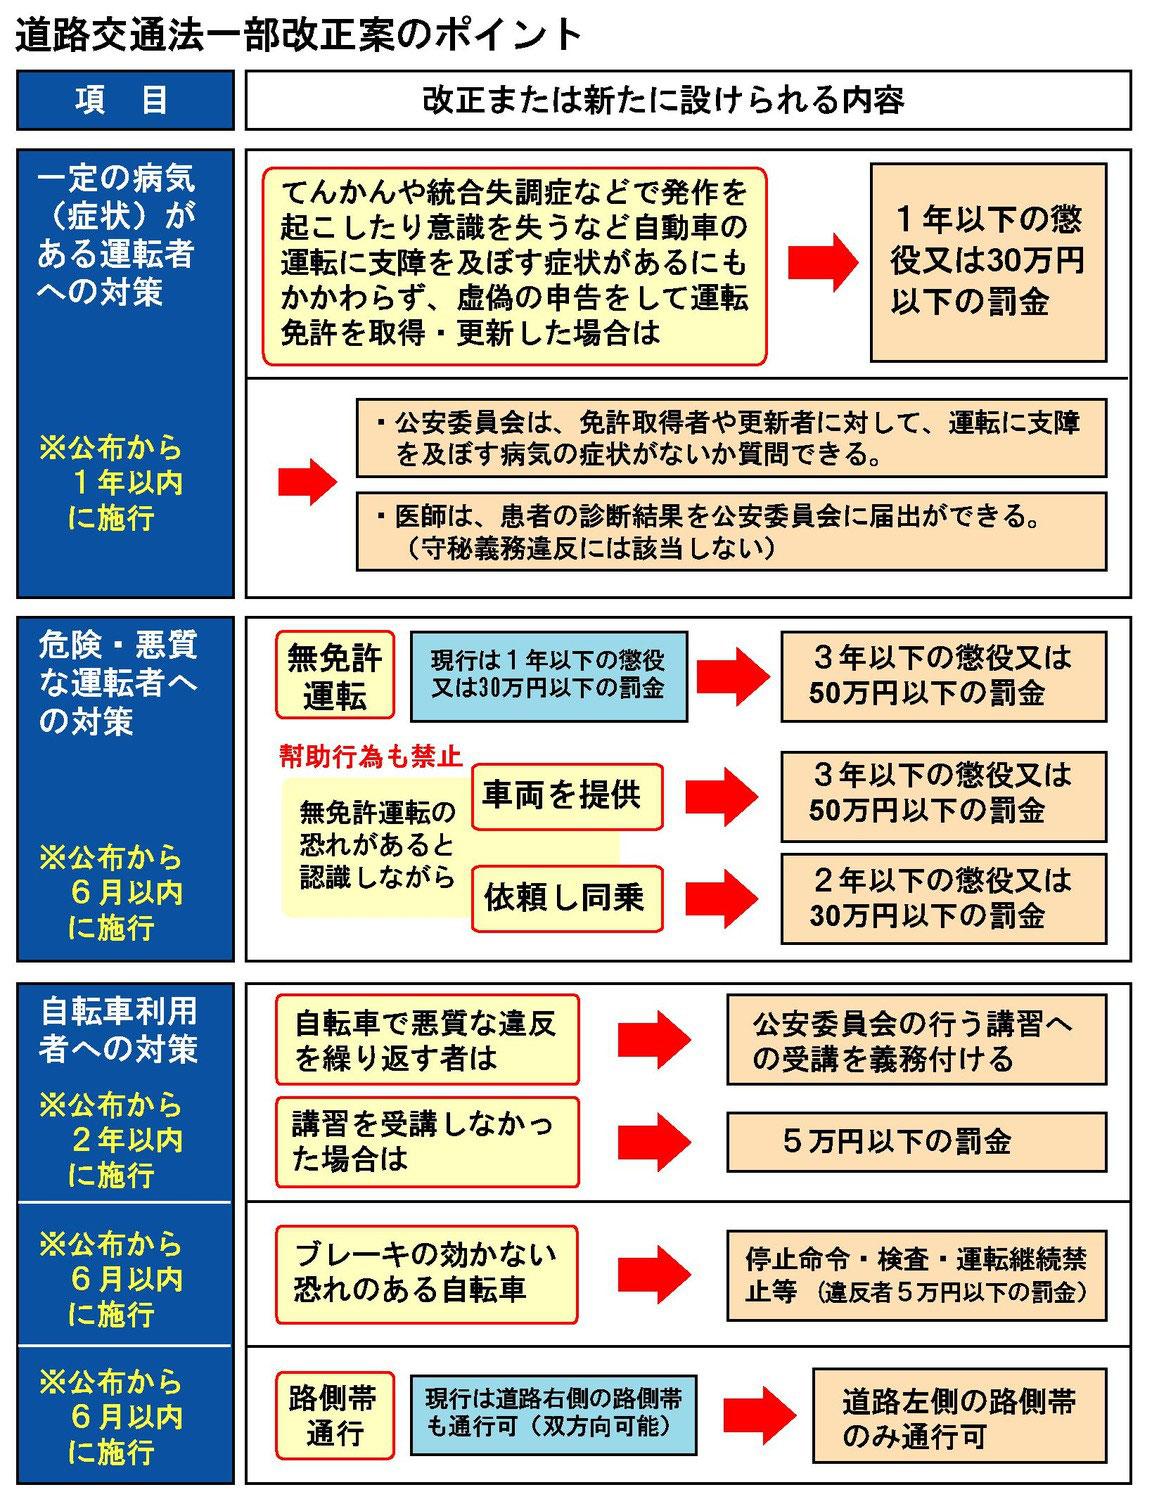 □悪質・危険運転への罰則強化──...